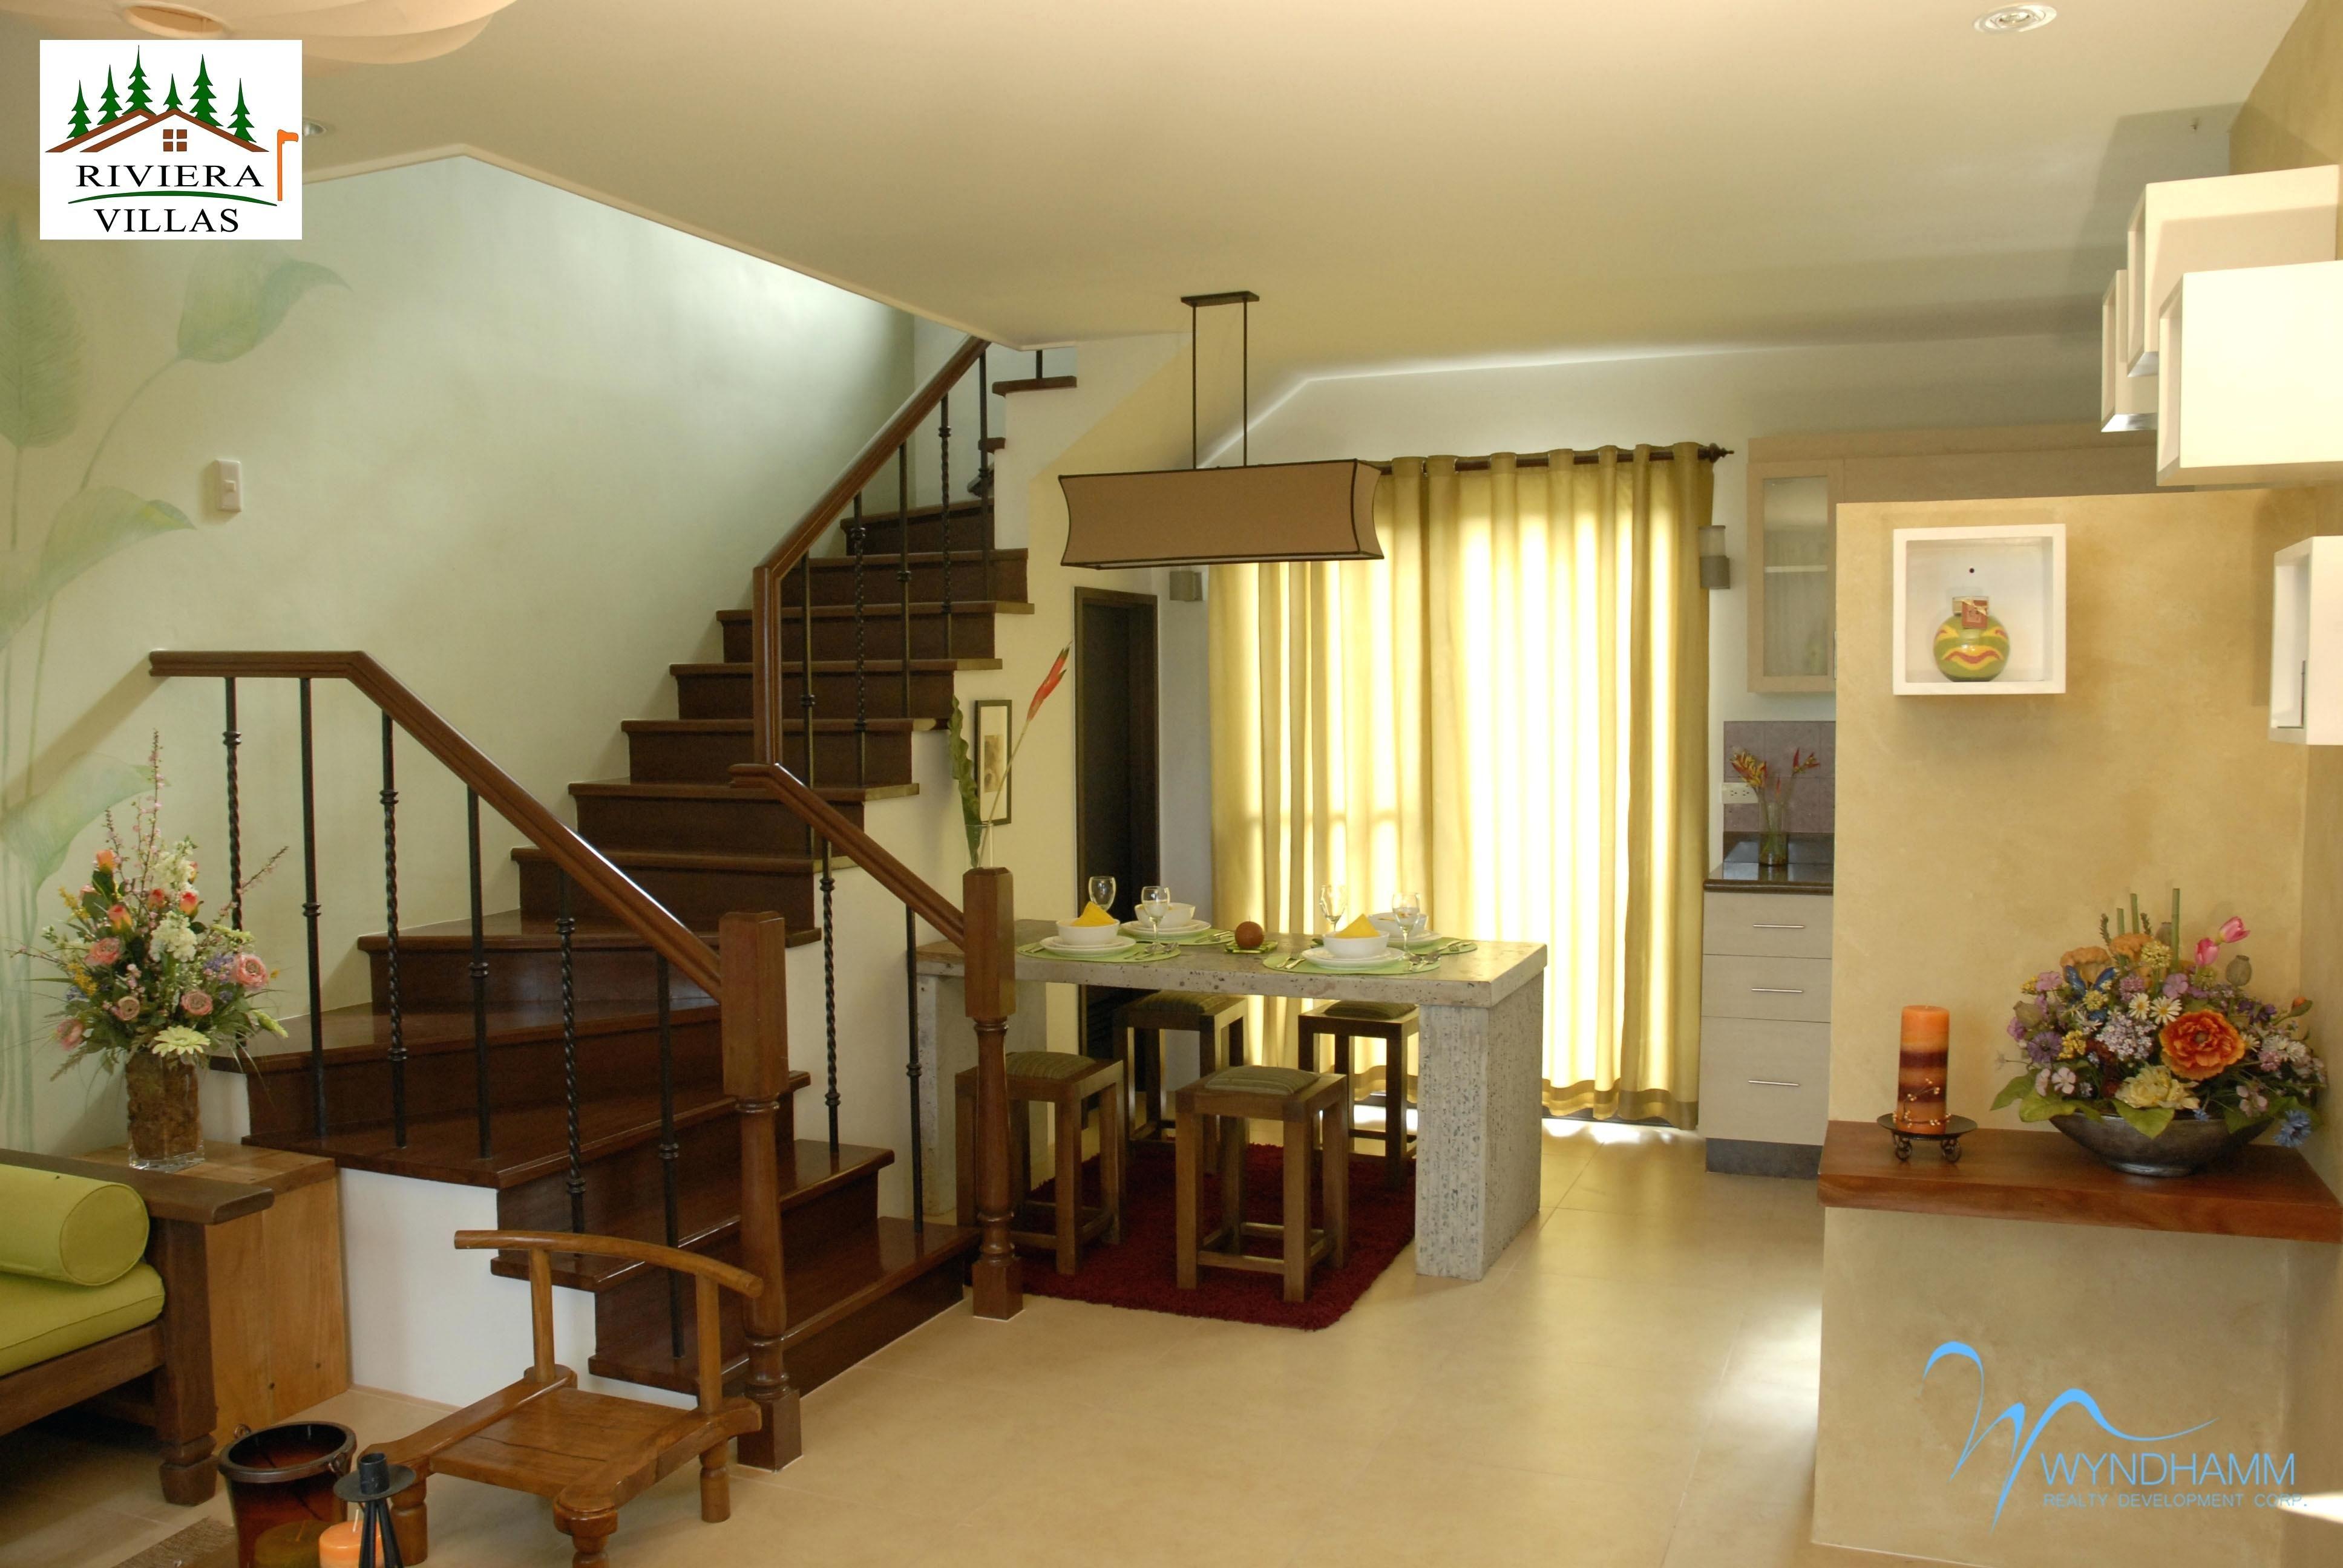 simple 2 storey house interior design  CONCEPTION DE LA